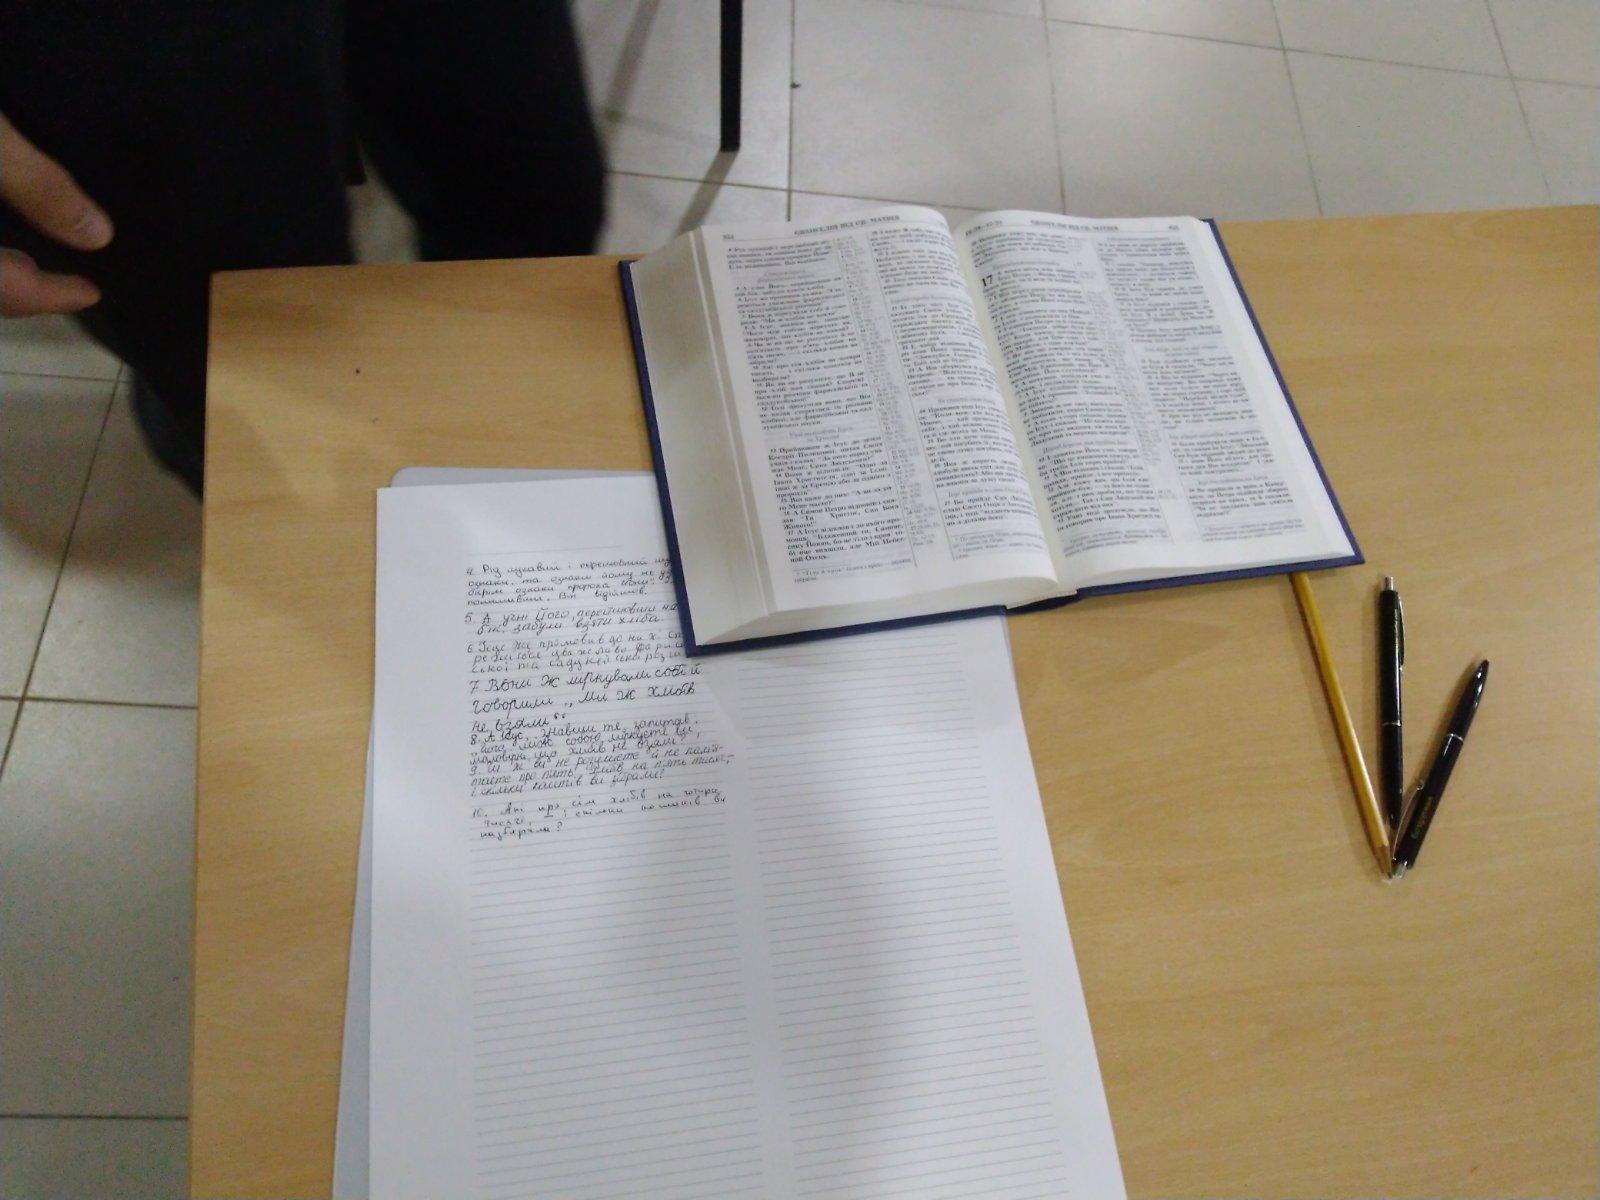 Митрополит Війтишин долучився до створення рекордної рукописної Біблії (ФОТО)